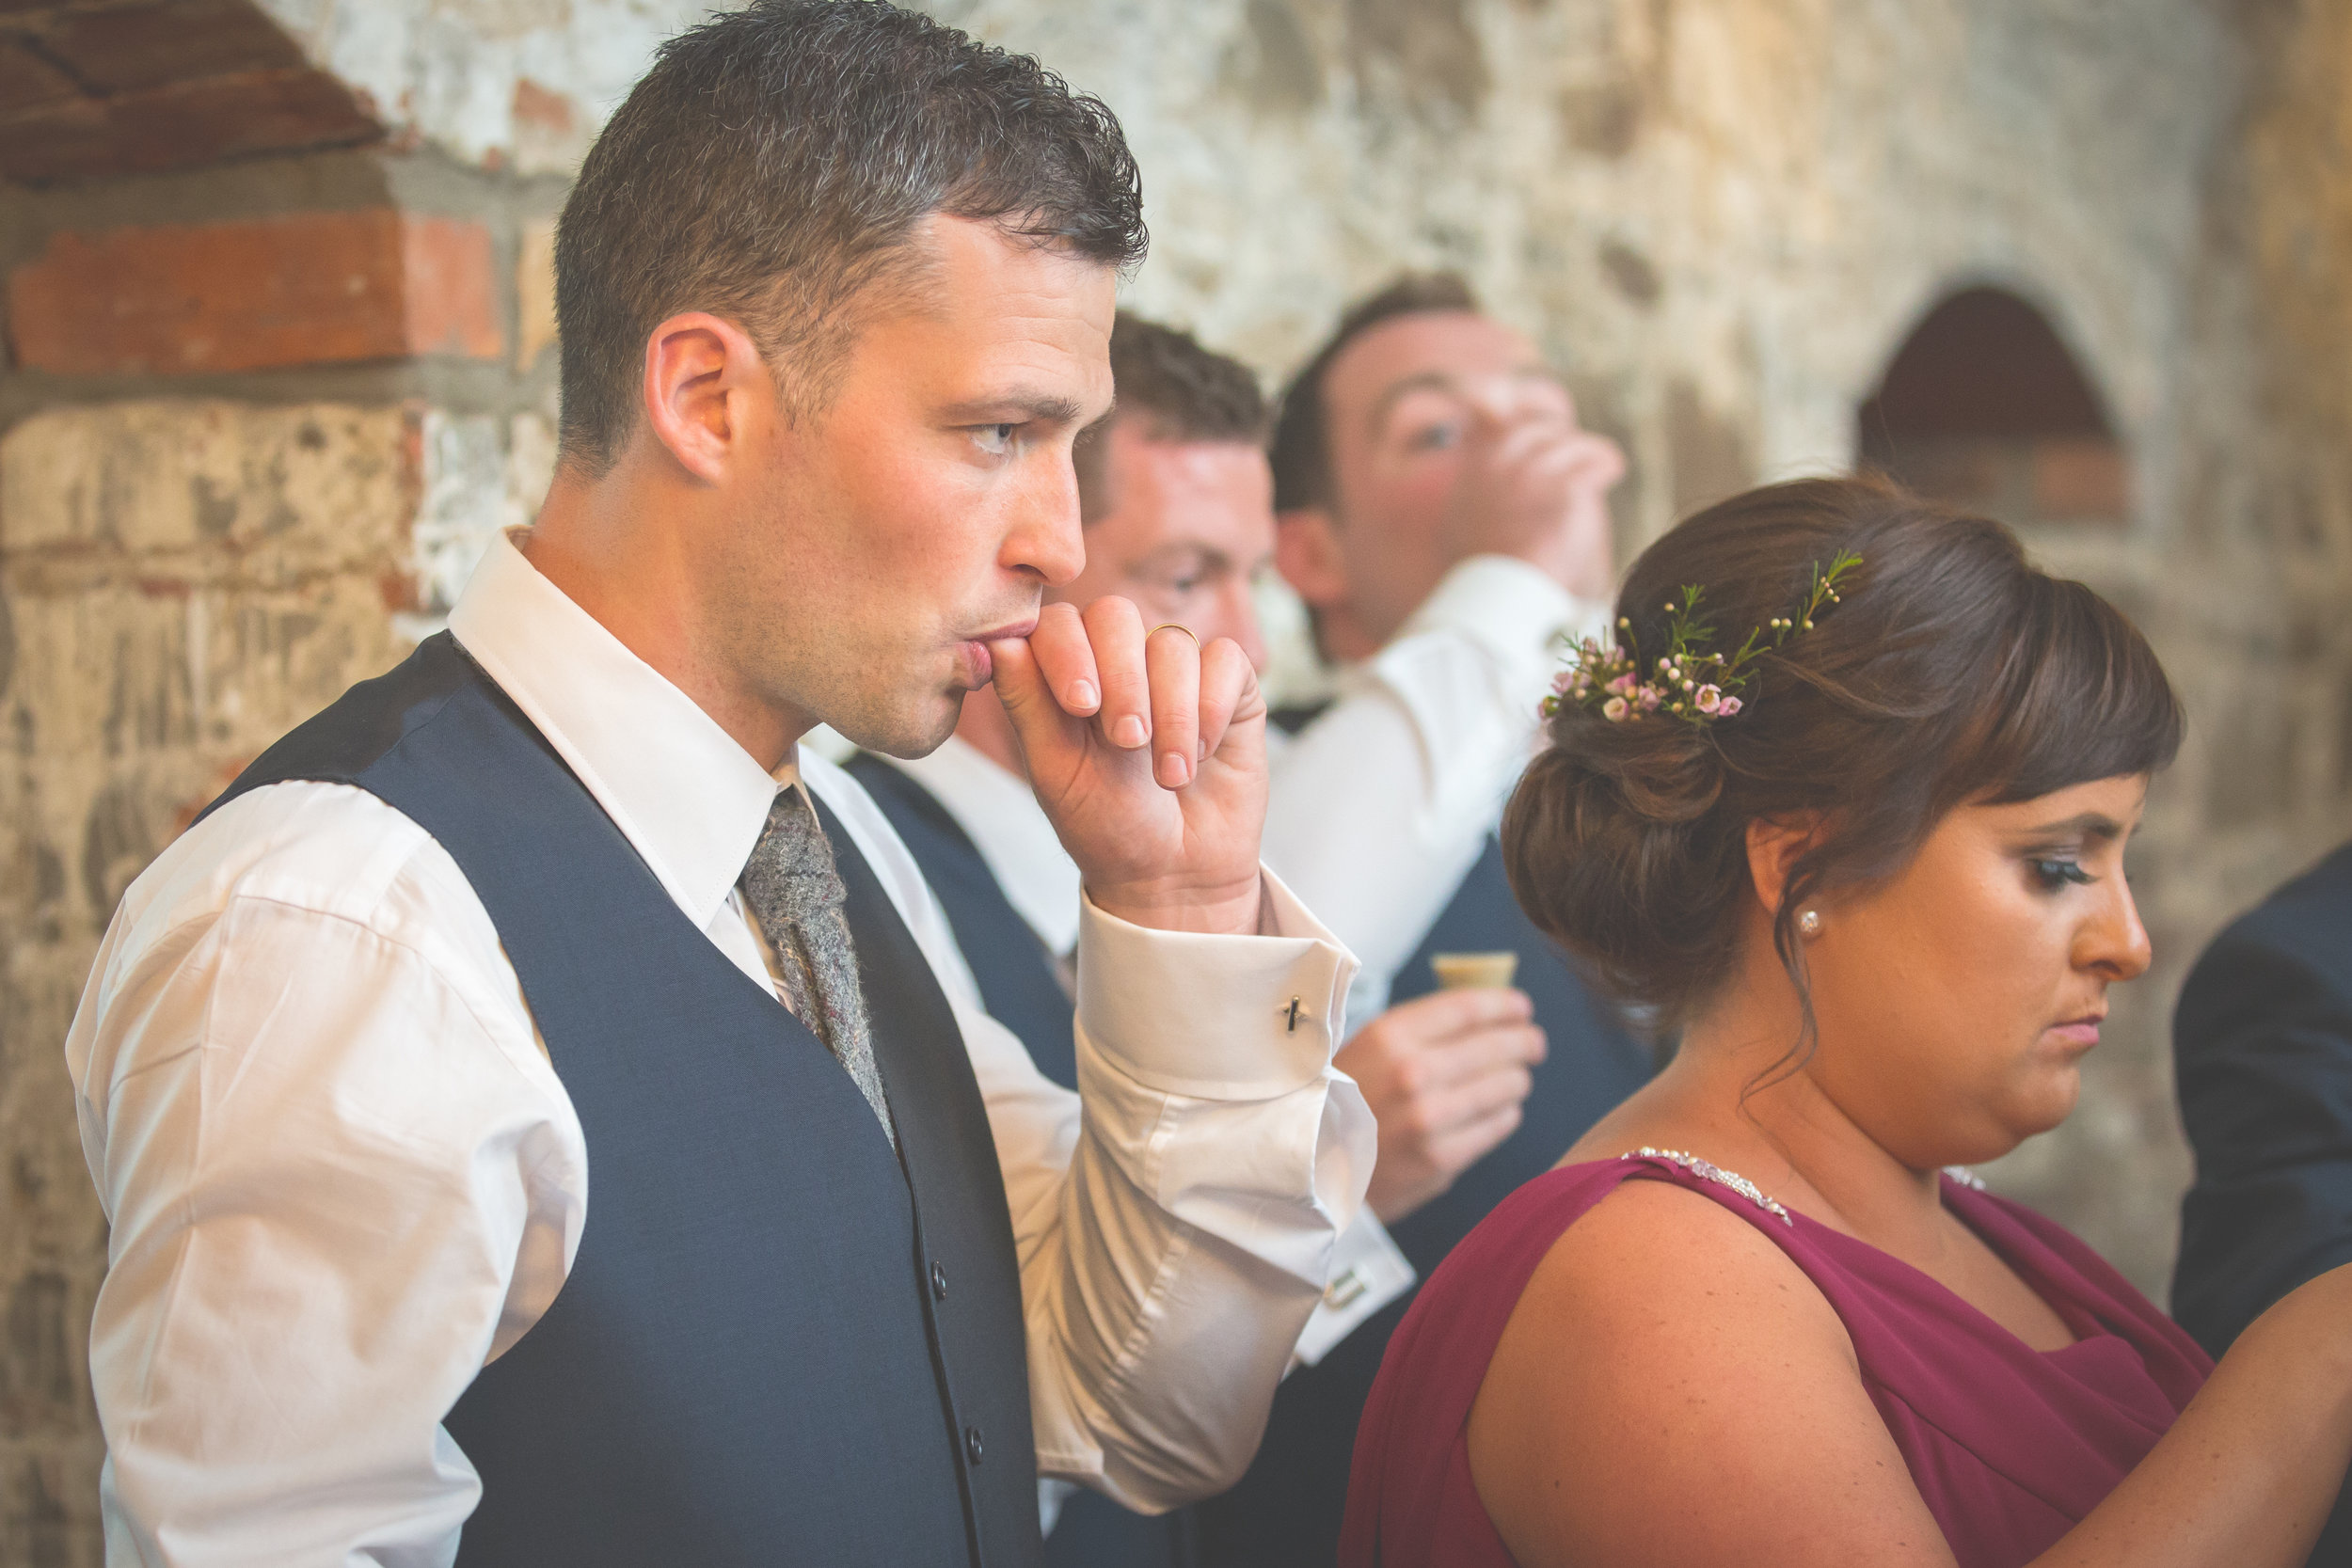 Brian McEwan Wedding Photography | Carol-Anne & Sean | The Speeches-34.jpg